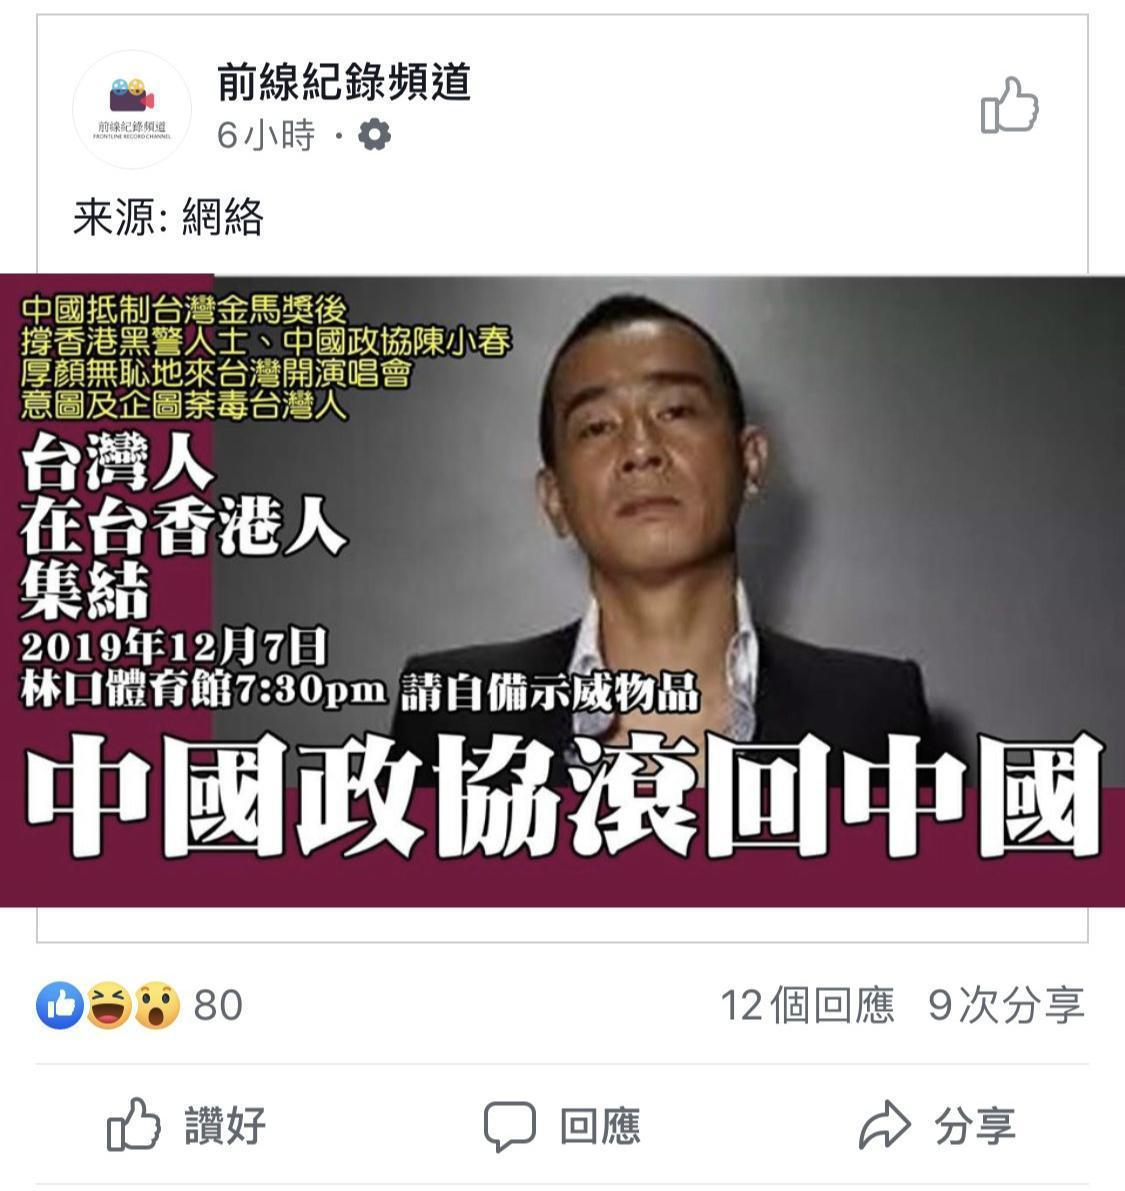 上星期已有網友呼籲台灣人及在台的香港人集結,自備示威物品在晚間7:30前往演唱會場地林口體育館。(讀者提供)